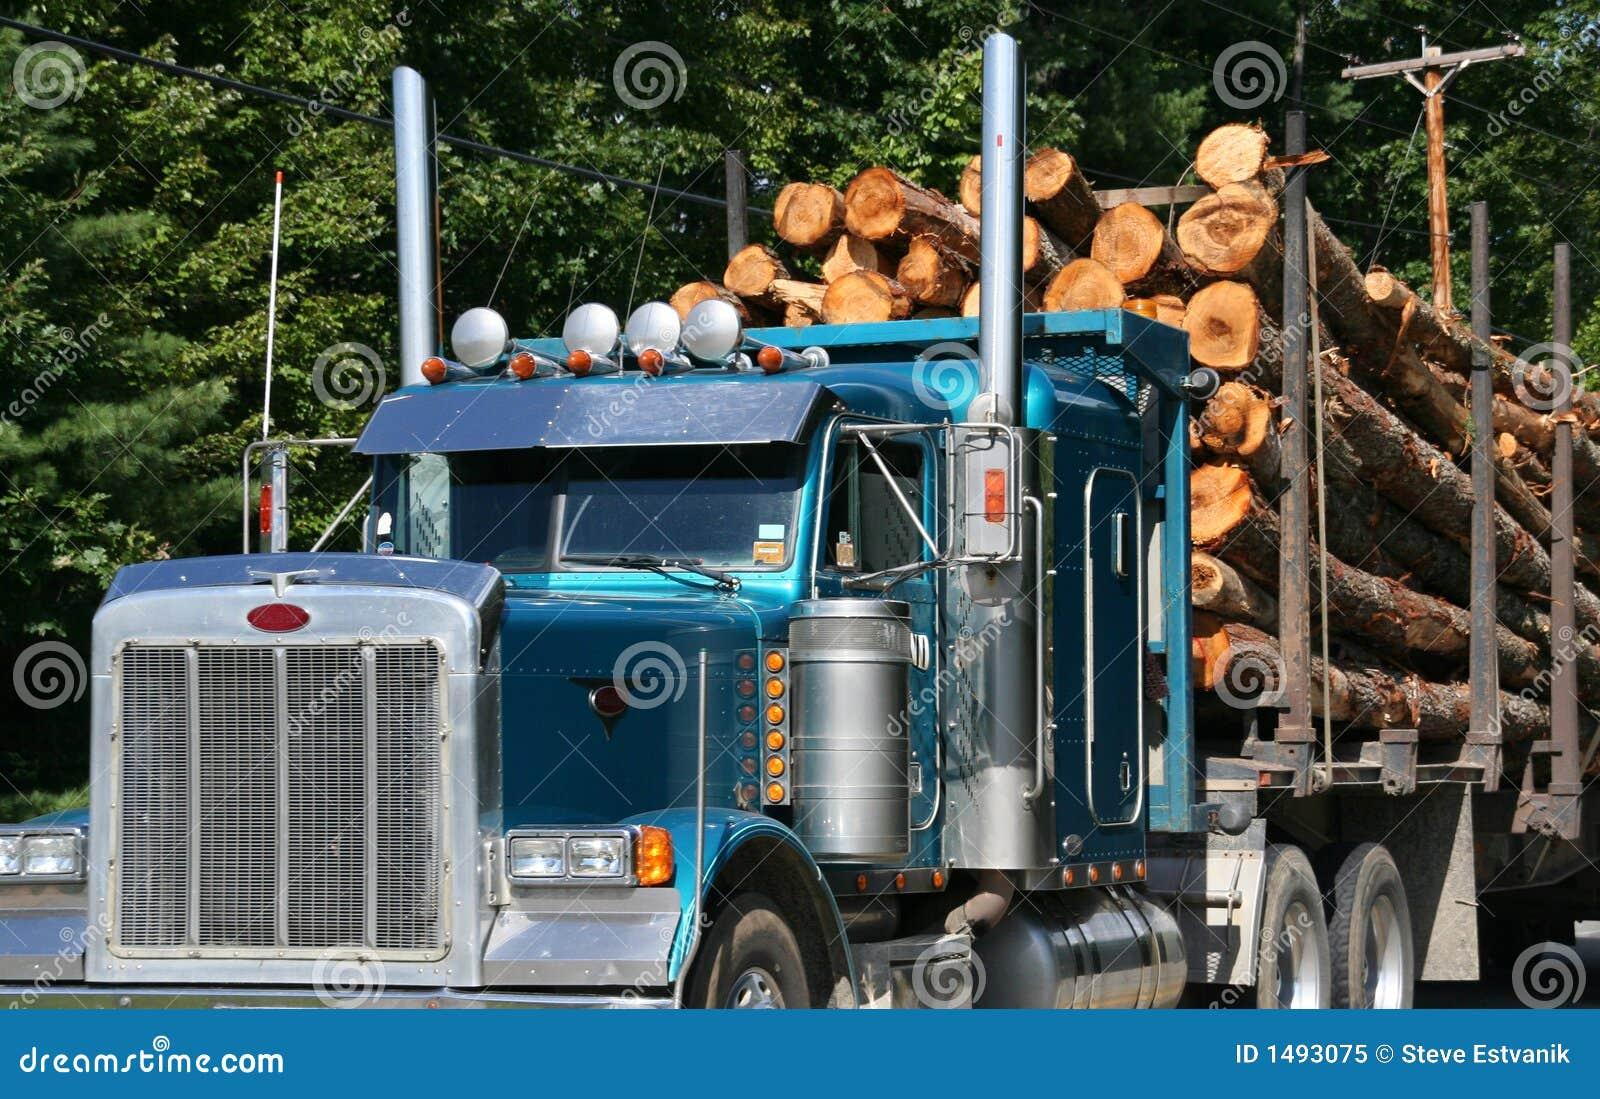 De vrachtwagen van het registreren met volledige lading